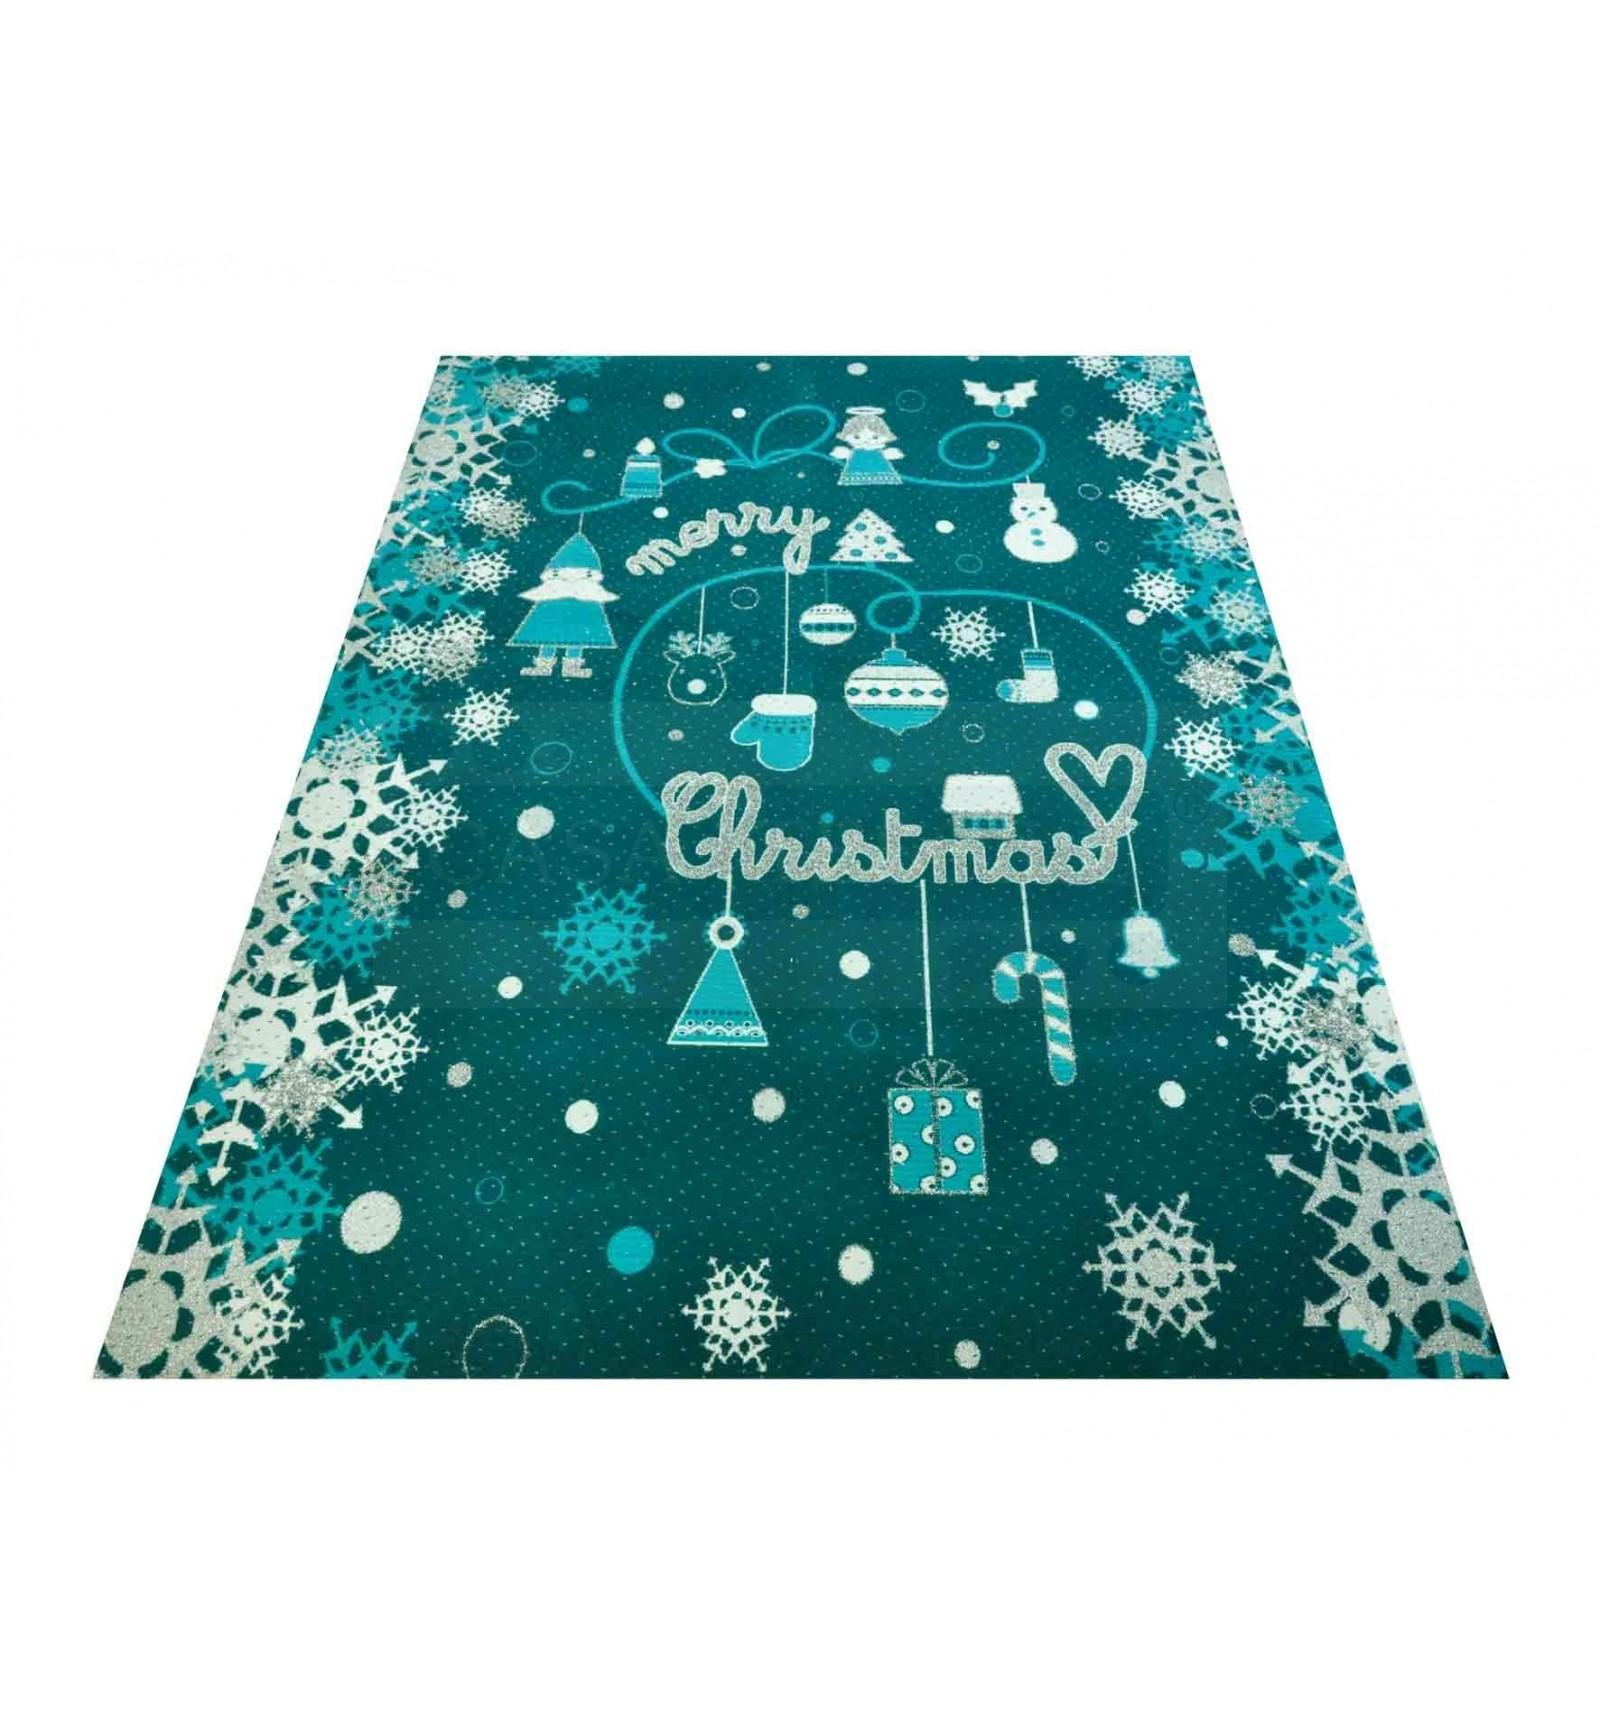 Christmas Carpet Runner.Christmas Cakes And Sweets Carpet Runner 100 X 130 Cm Ve3